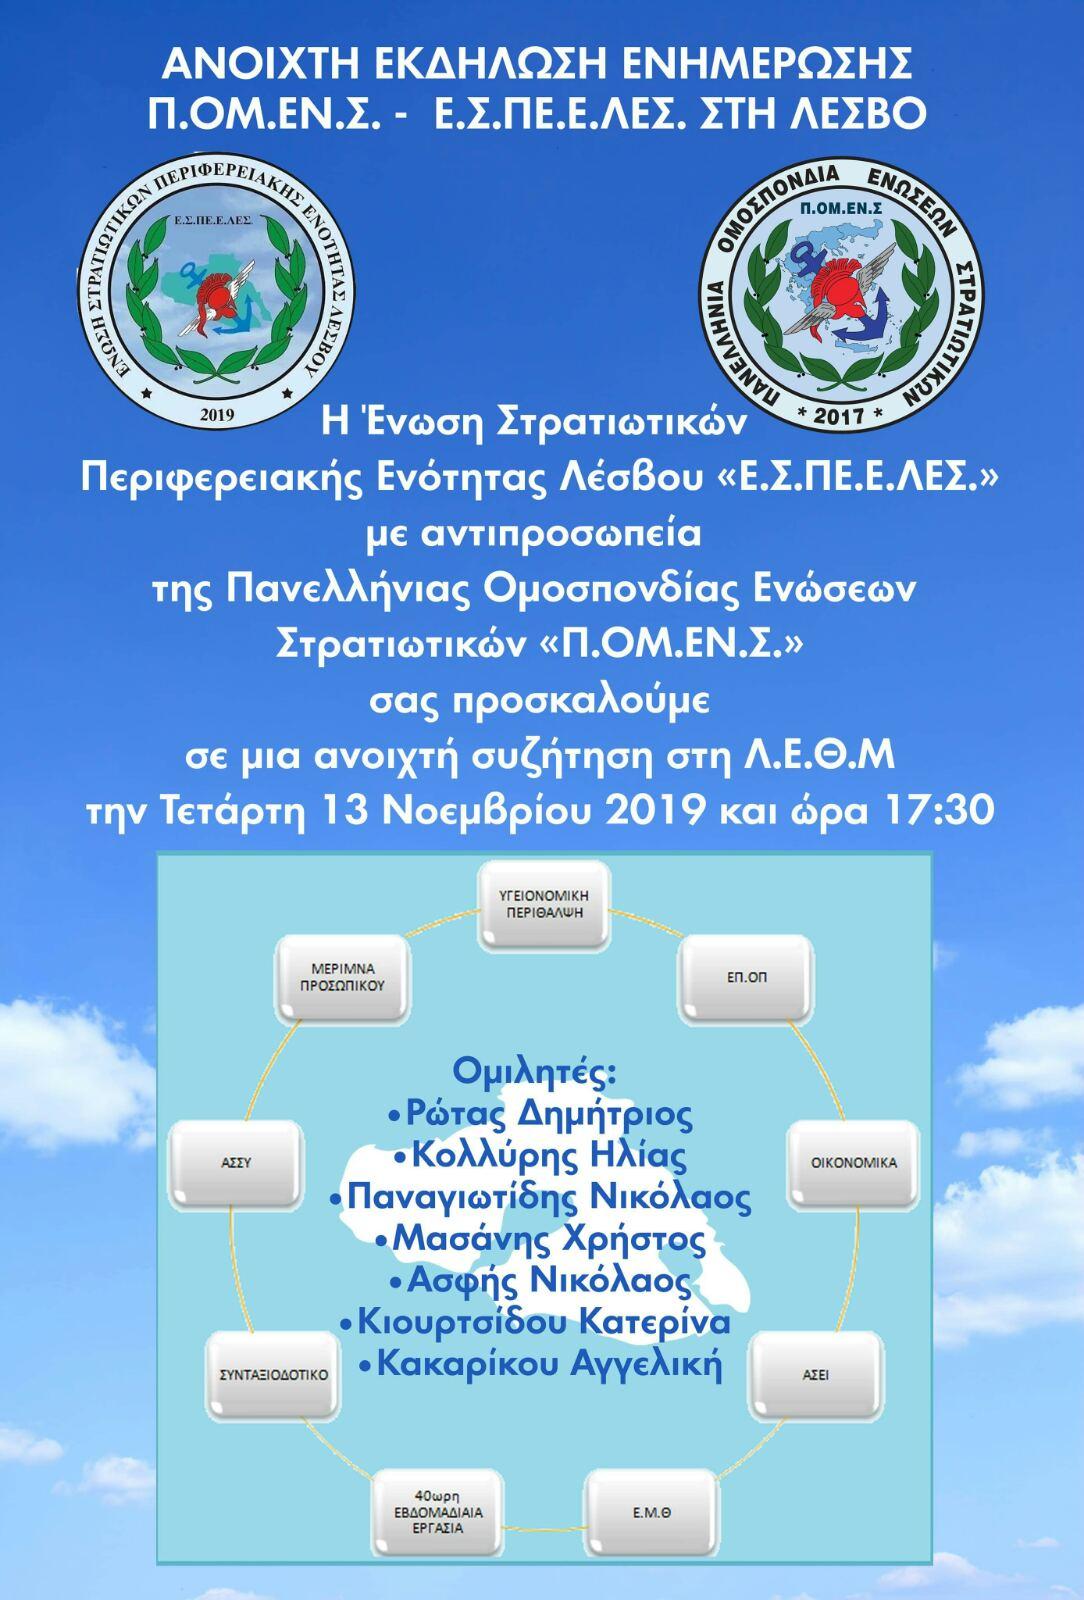 Η Πανελλήνια Ομοσπονδία Ενώσεων Στρατιωτικών «Π.ΟΜ.ΕΝ.Σ.» στη Λέσβο την Τετάρτη 13 Νοεμβρίου